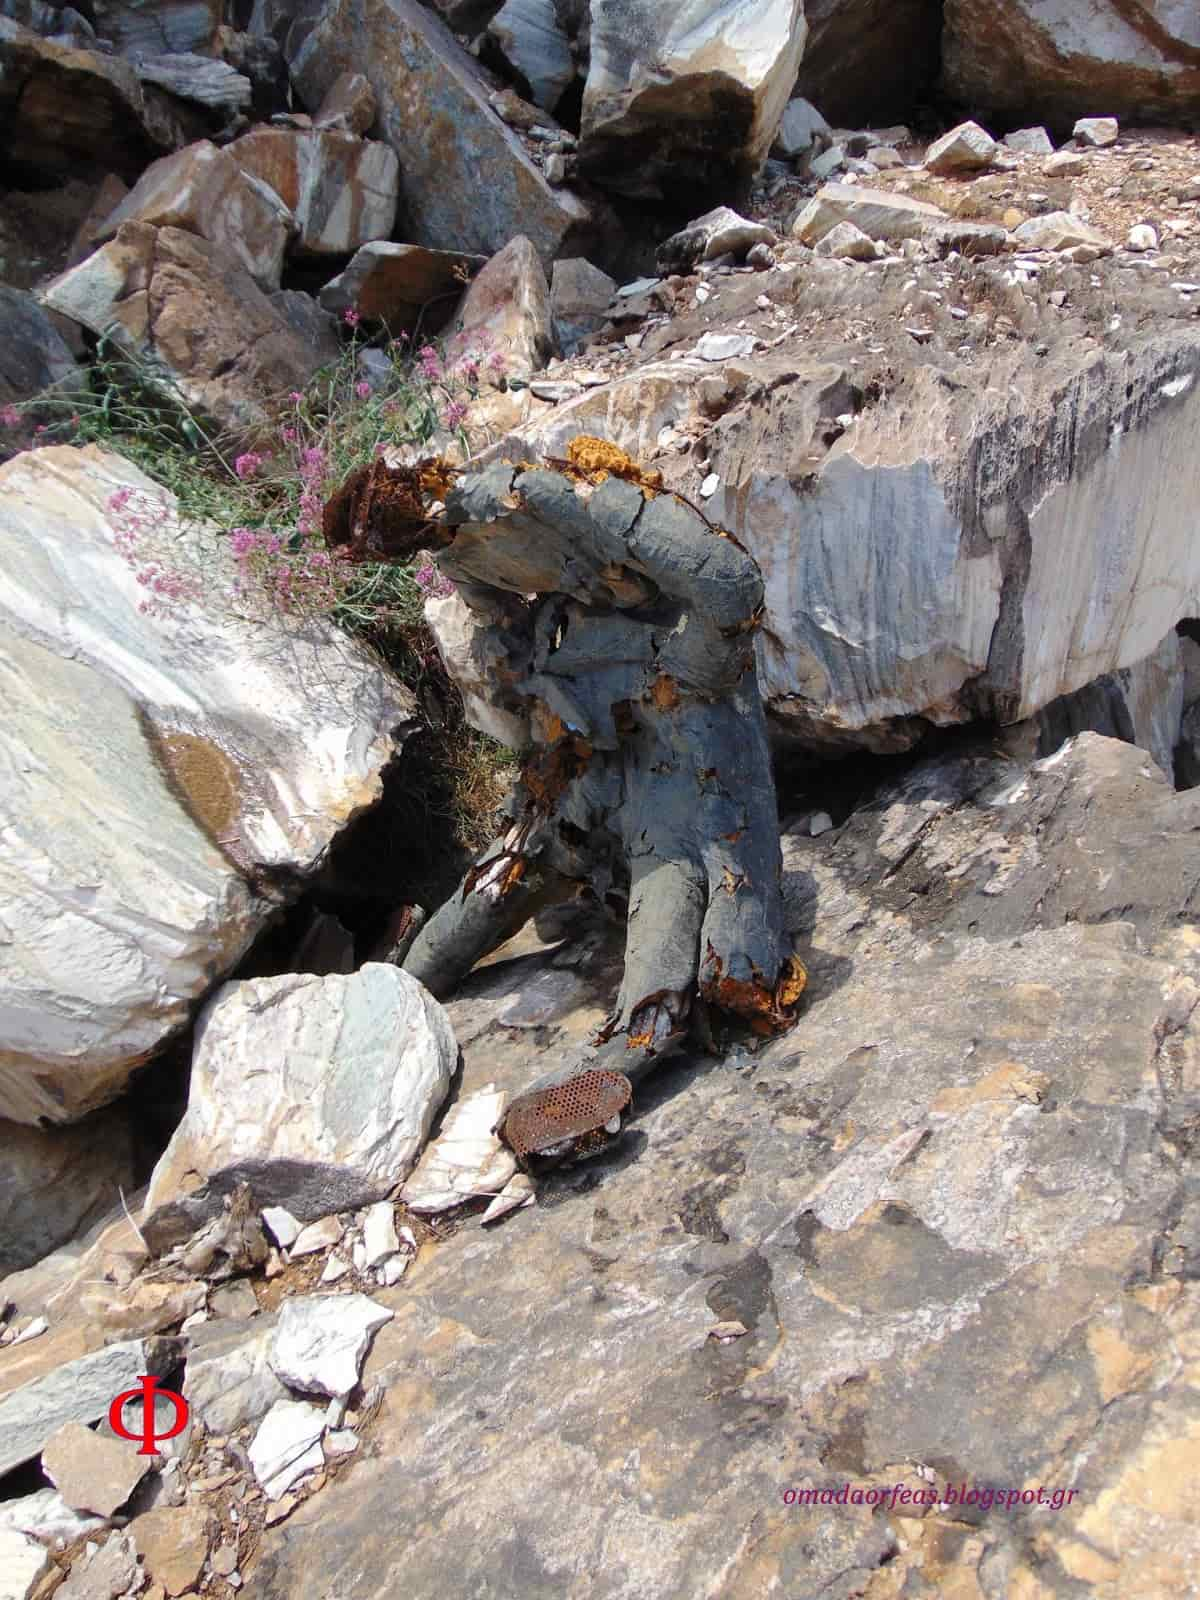 Η Μυστηριώδης «Πανοπλία» που Βρέθηκε σε Λατομείο της Πεντέλης (εικόνες)